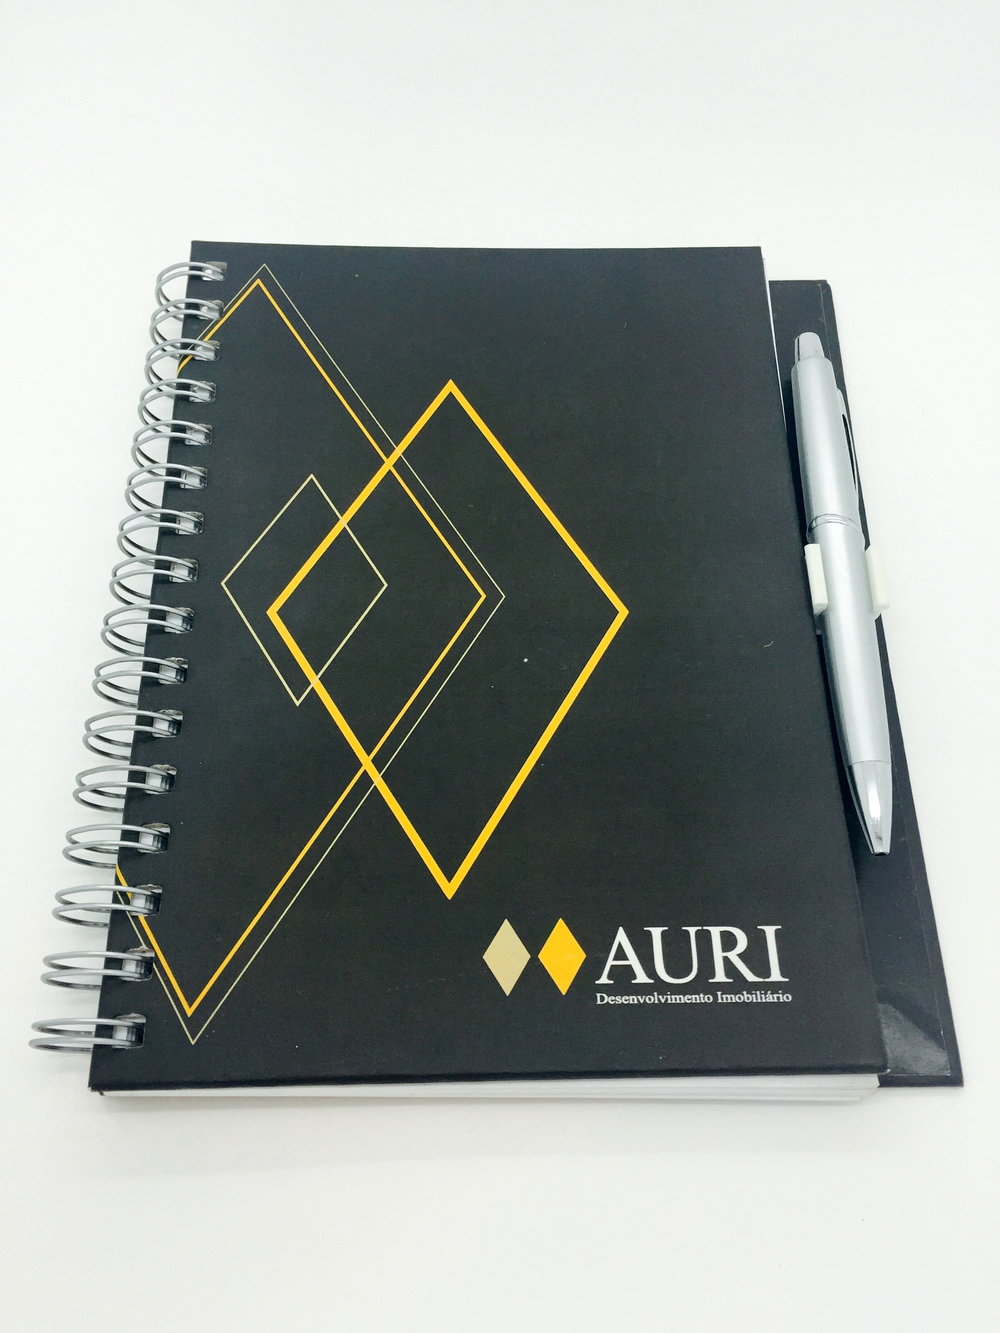 Auri Empreendimentos Imobiliários